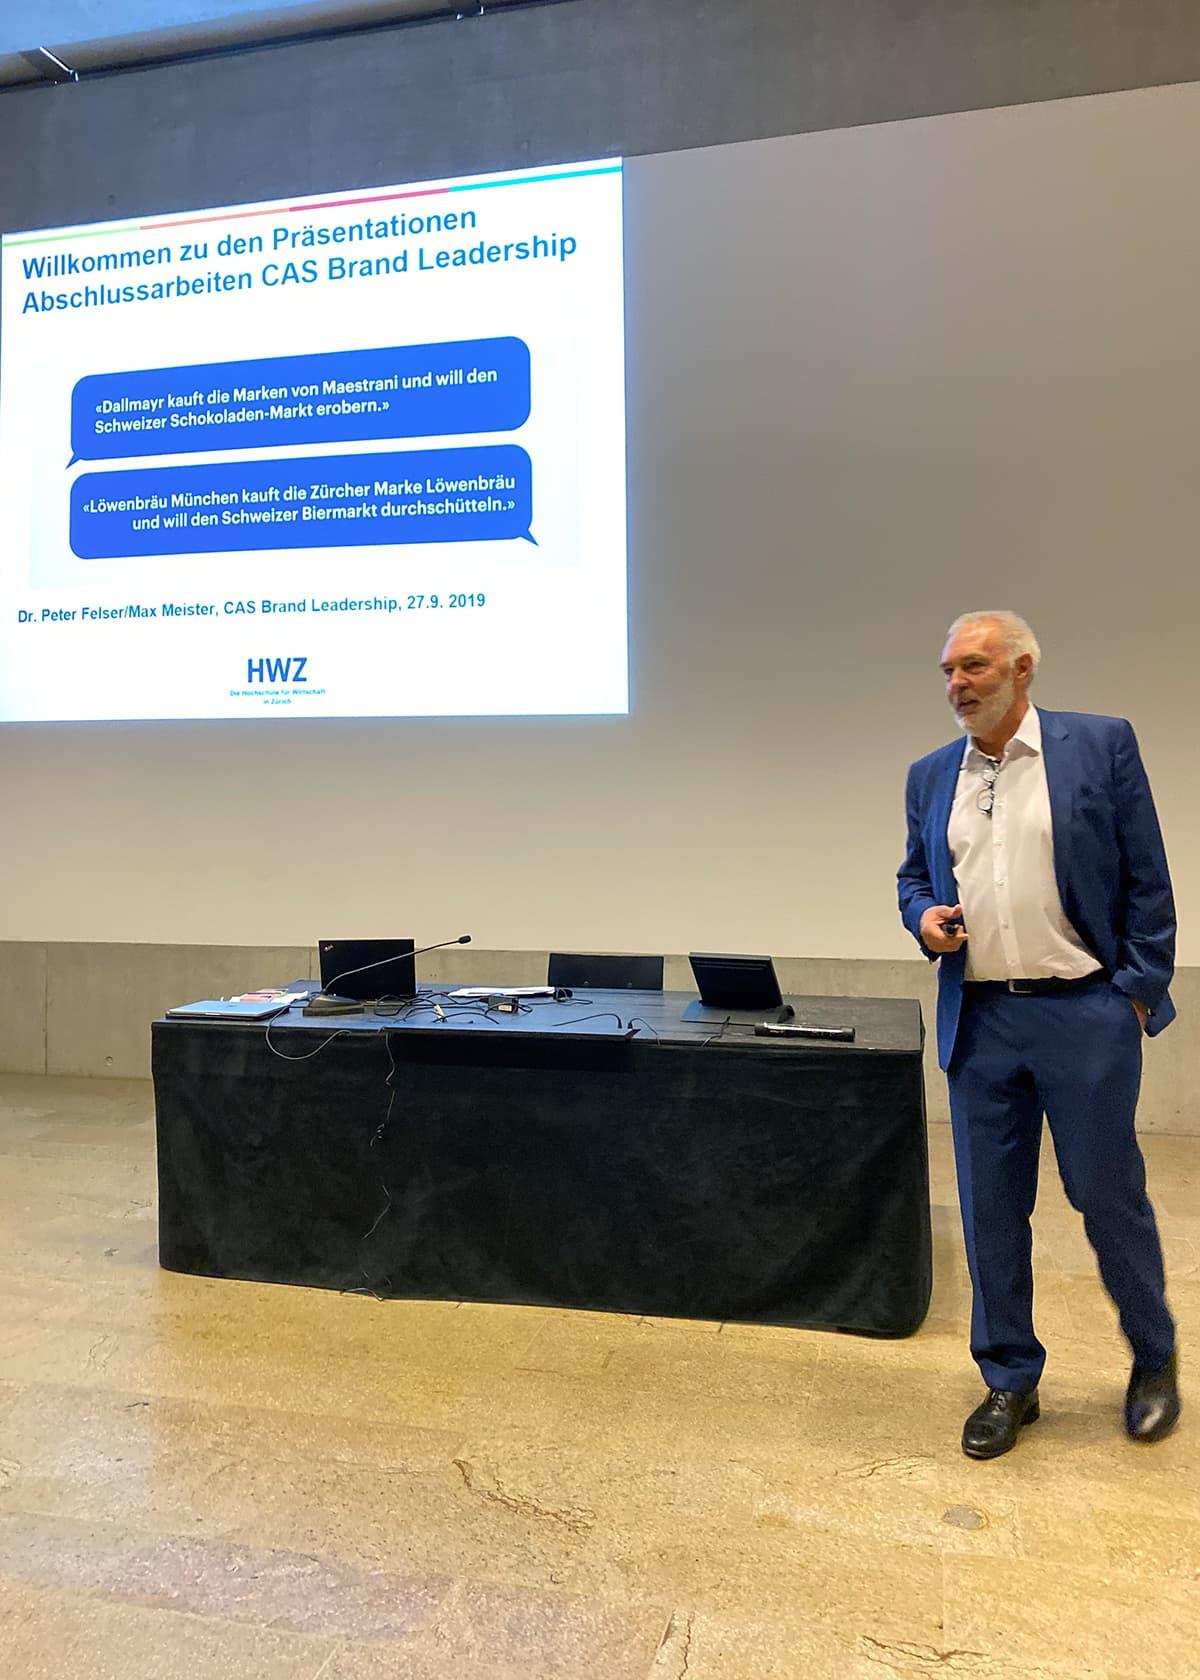 CAS Brand Leadership Präsentation - Peter Felser